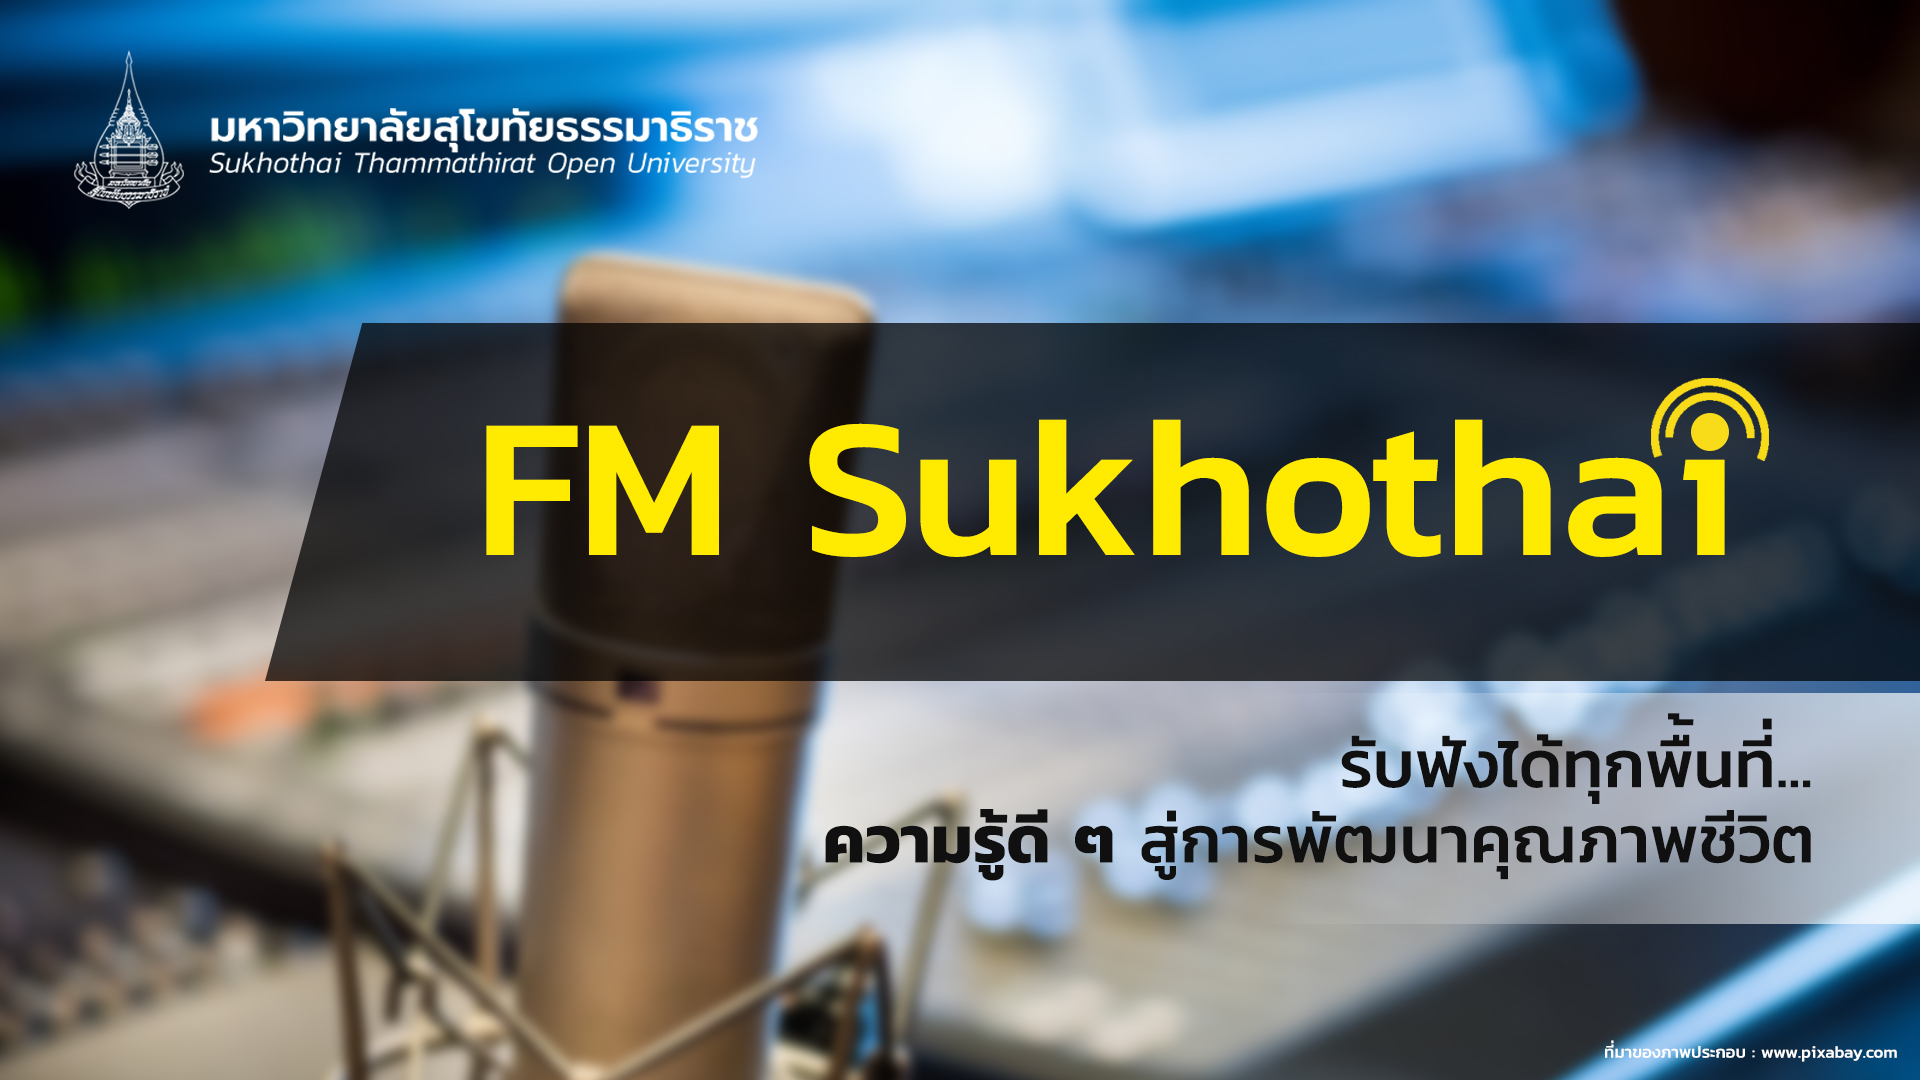 21323 การสอนกลุ่มทักษะ 1: ภาษาไทย รายการที่ 3